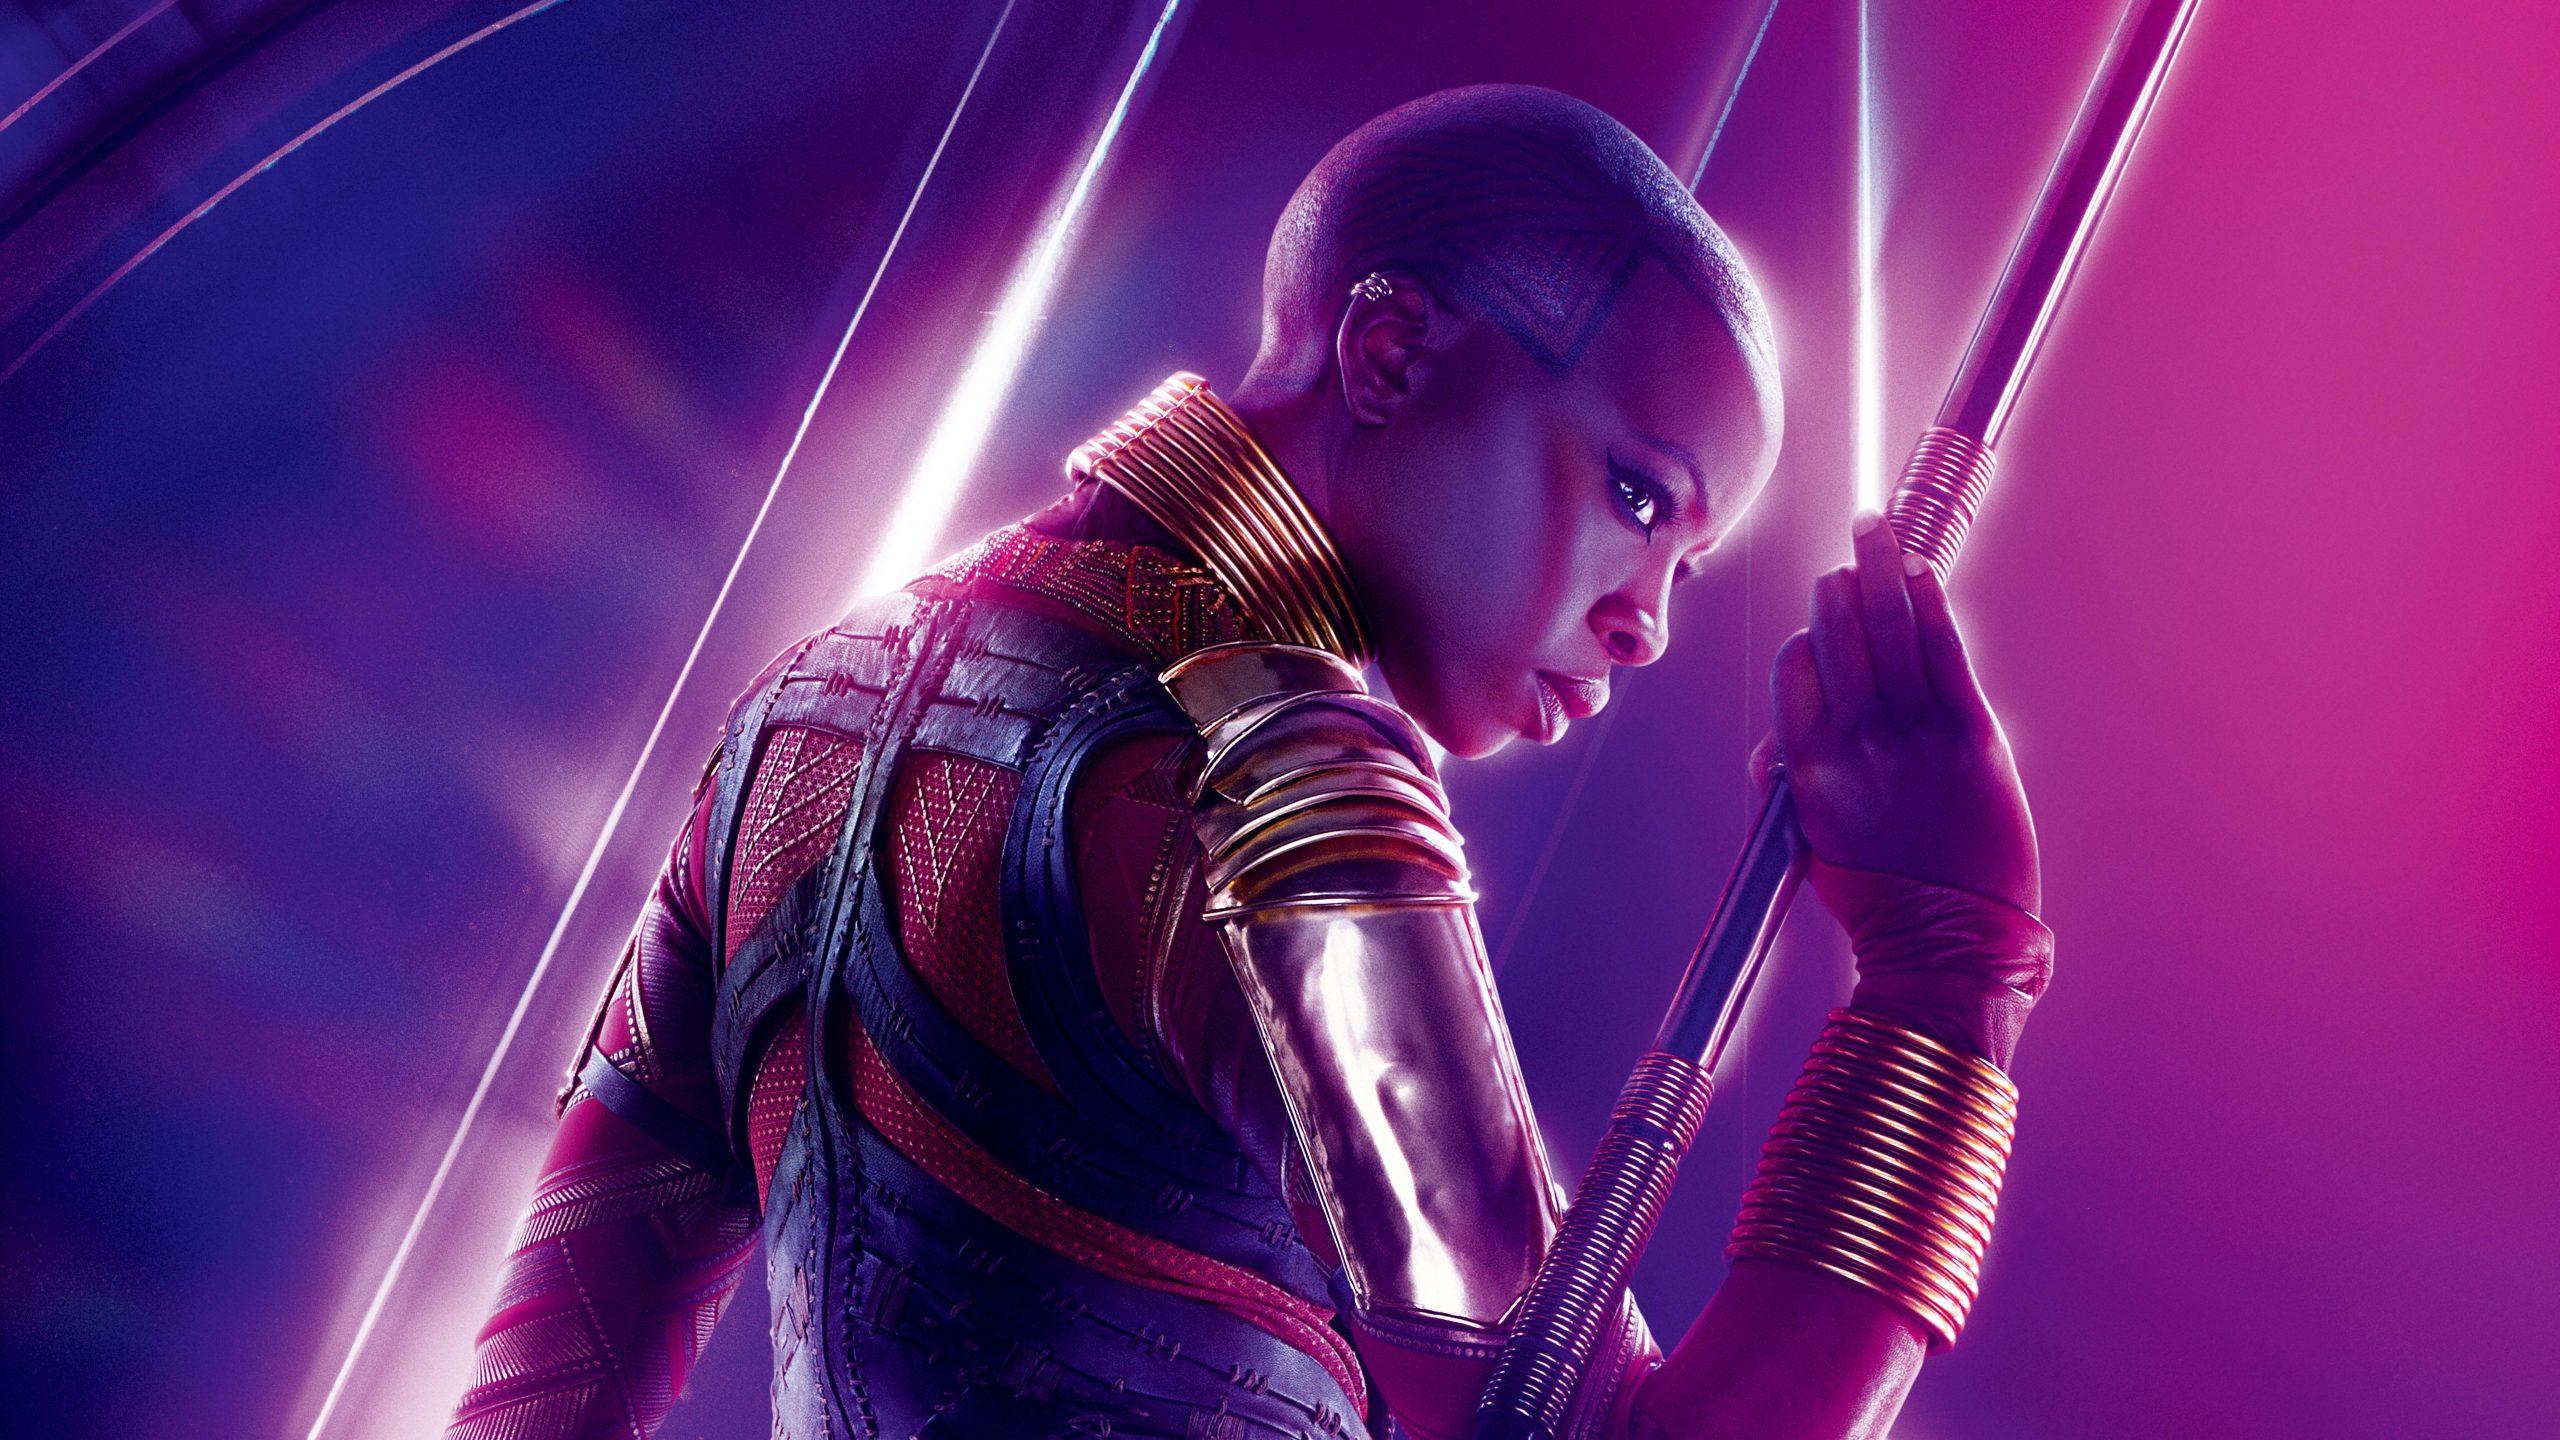 Okoye Avengers Infinity War Poster 8k Wallpaper Best Wallpapers